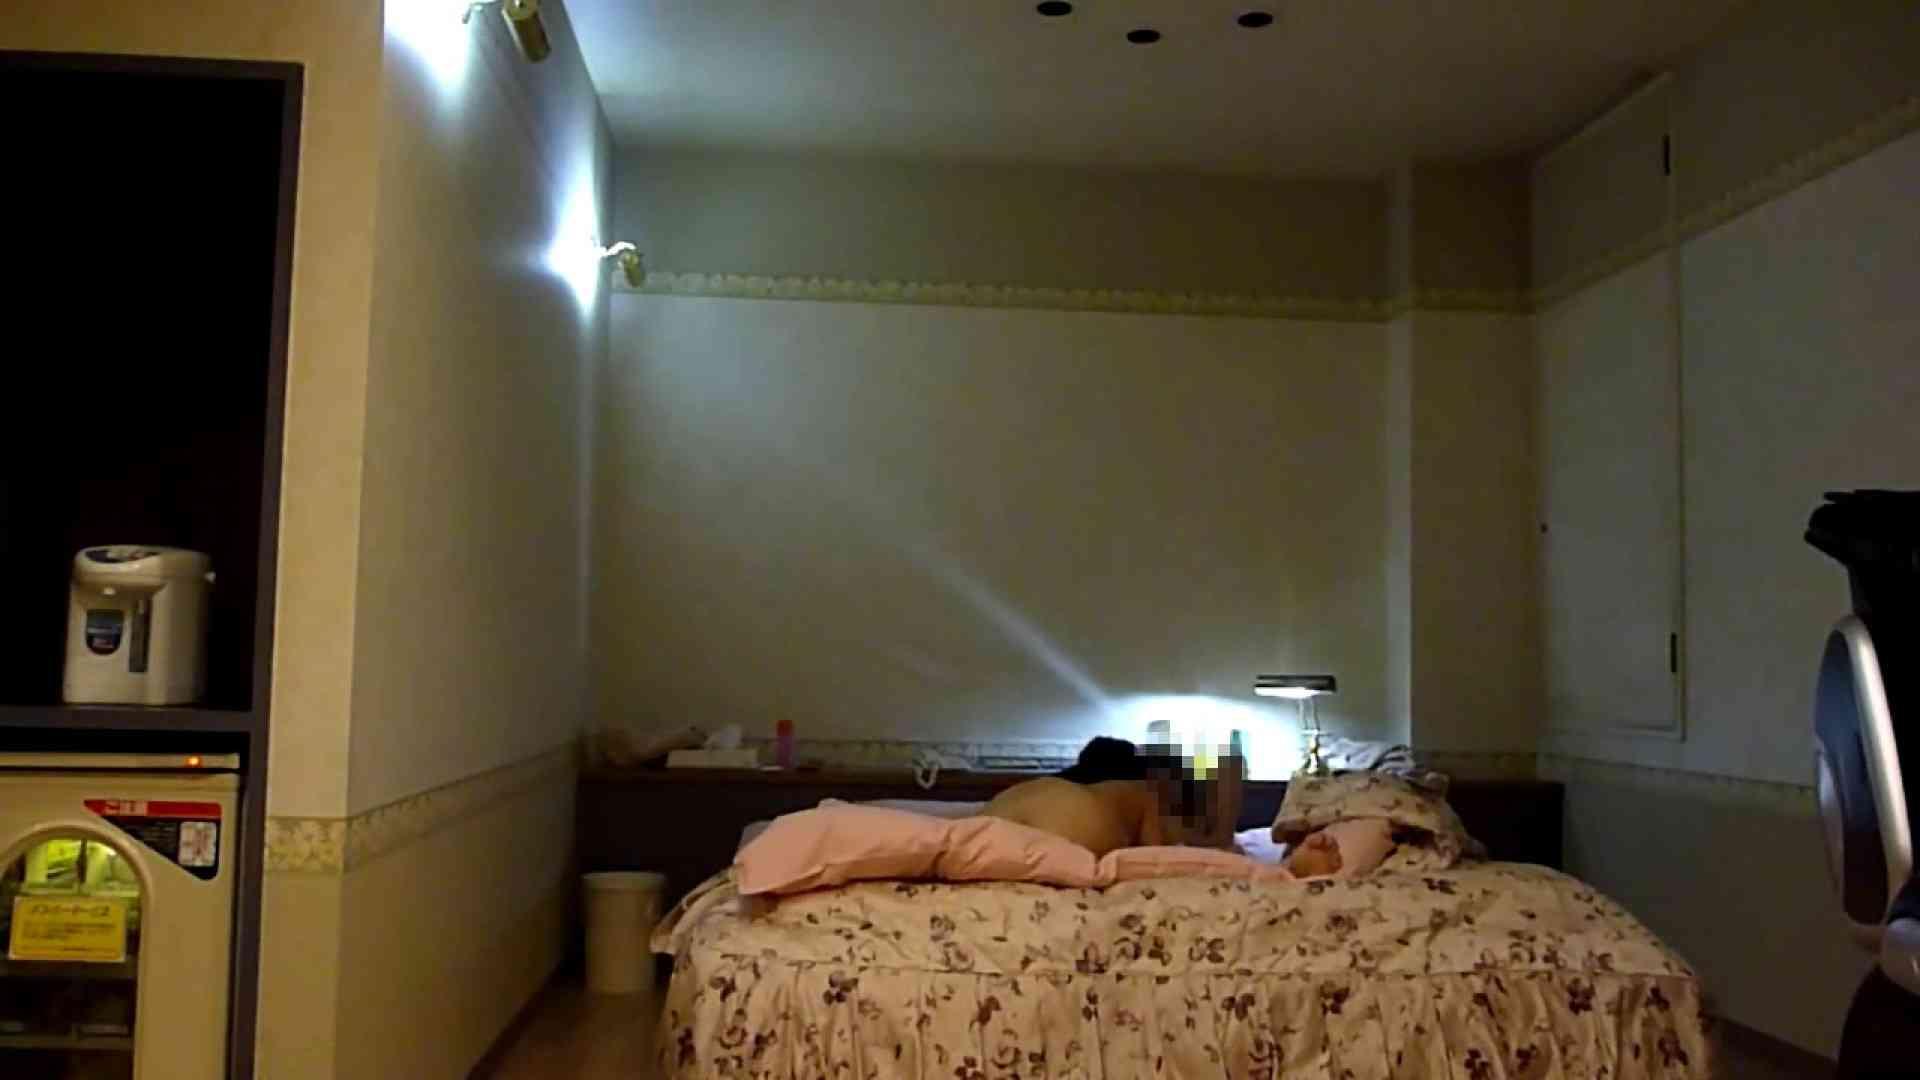 【完全素人投稿】誰にしようか!?やりチン健太の本日もデリ嬢いただきま~す!!12 投稿 セックス無修正動画無料 106pic 95